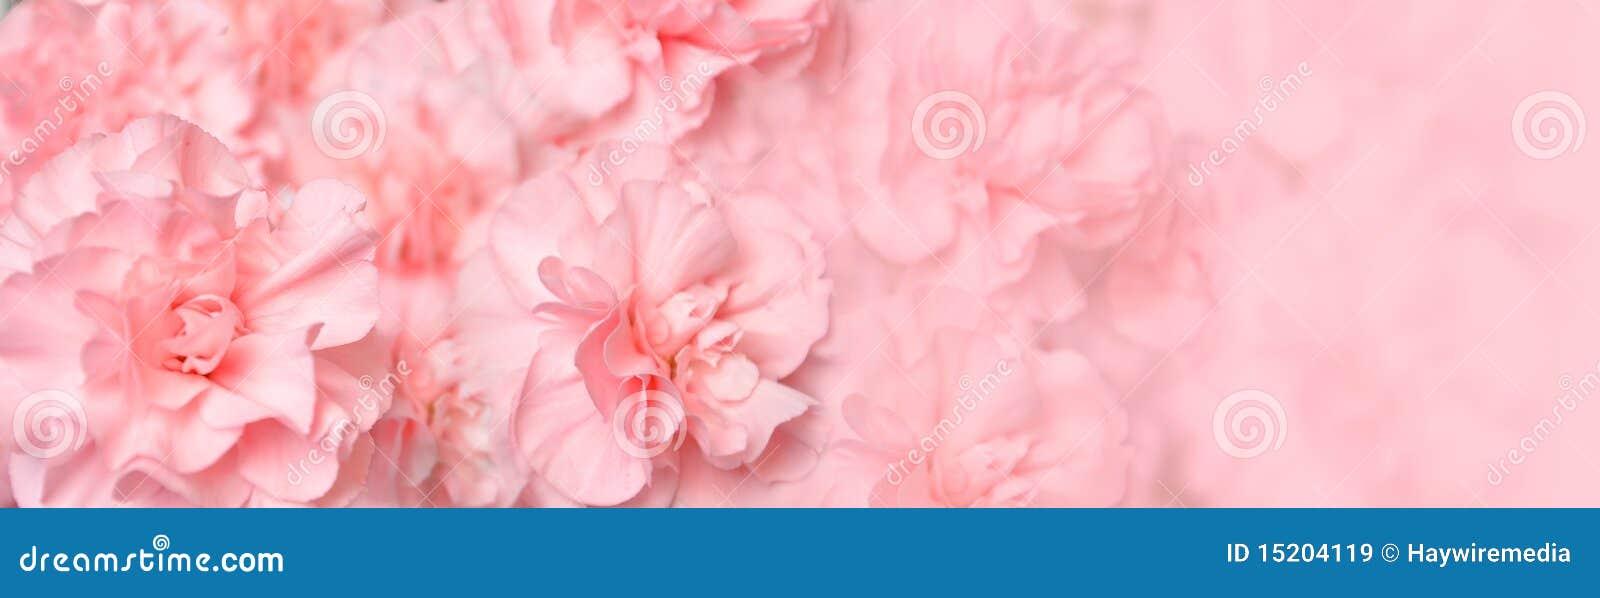 όμορφο ροζ επικεφαλίδων